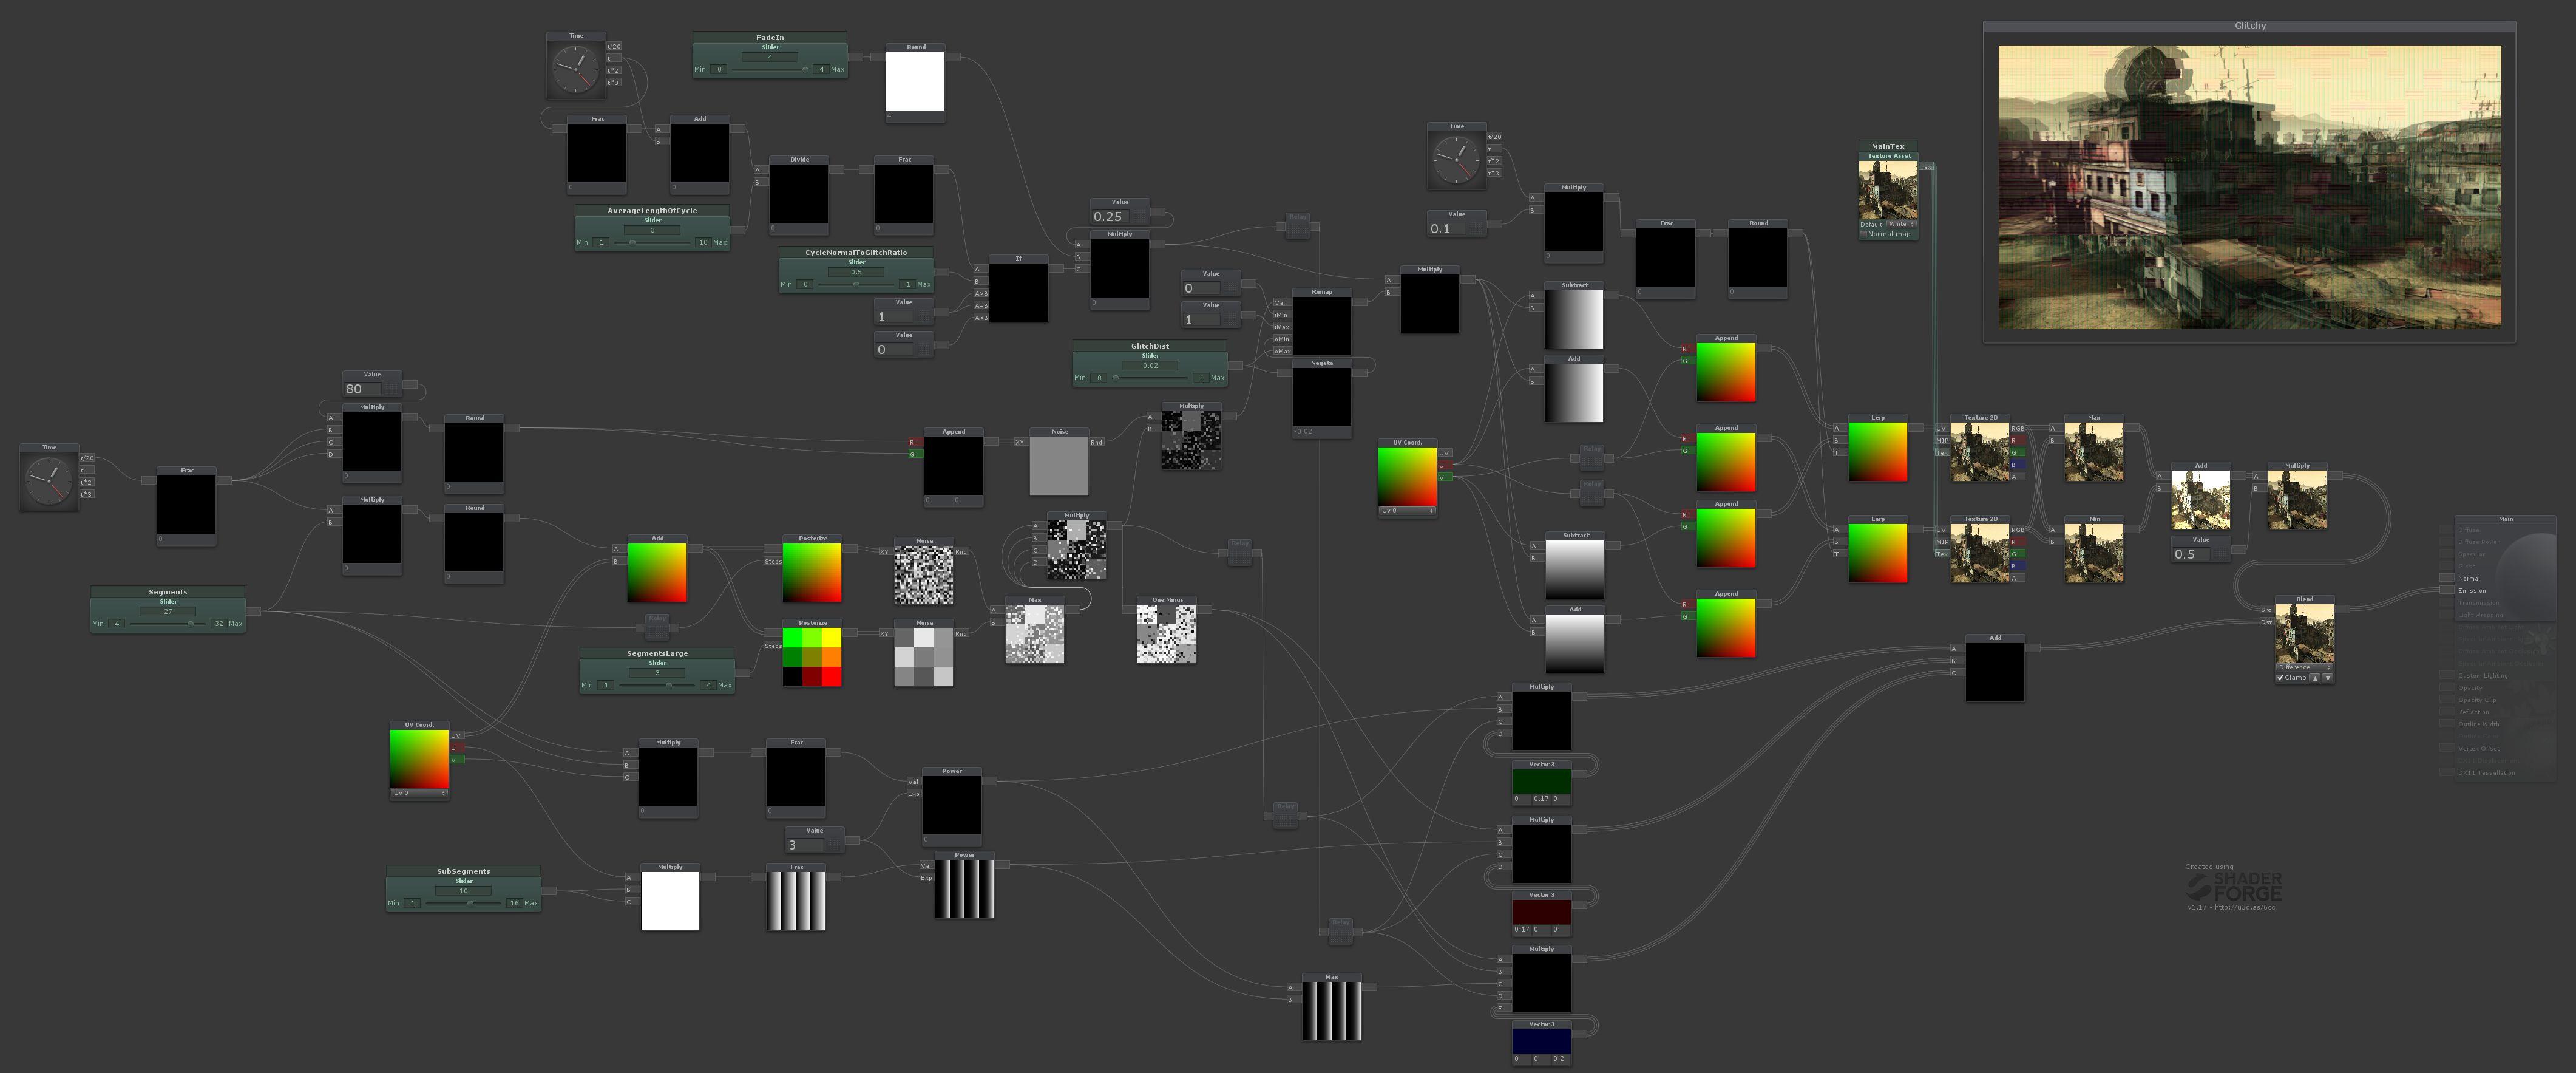 SF_GlitchyGraph.jpg